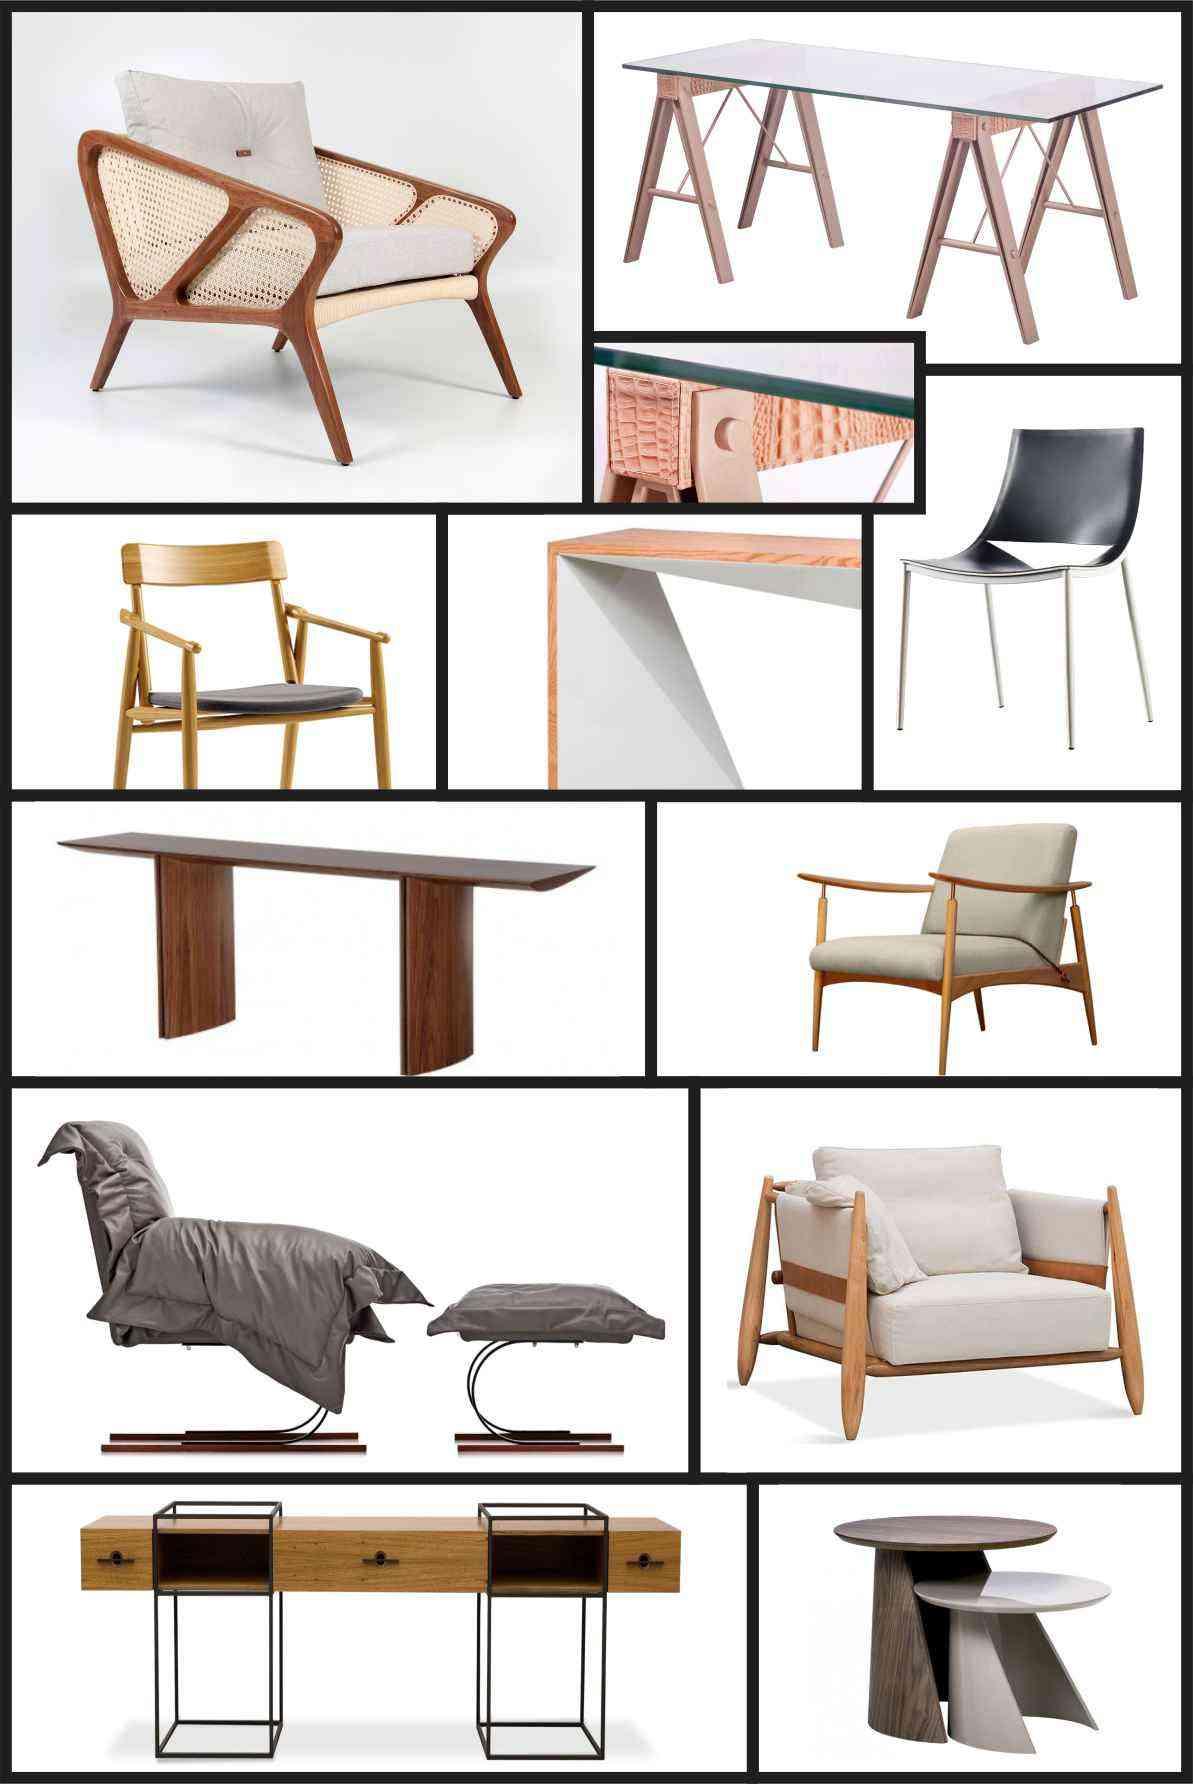 Móveis Maria Alice - DMAIS Design/Divulgação